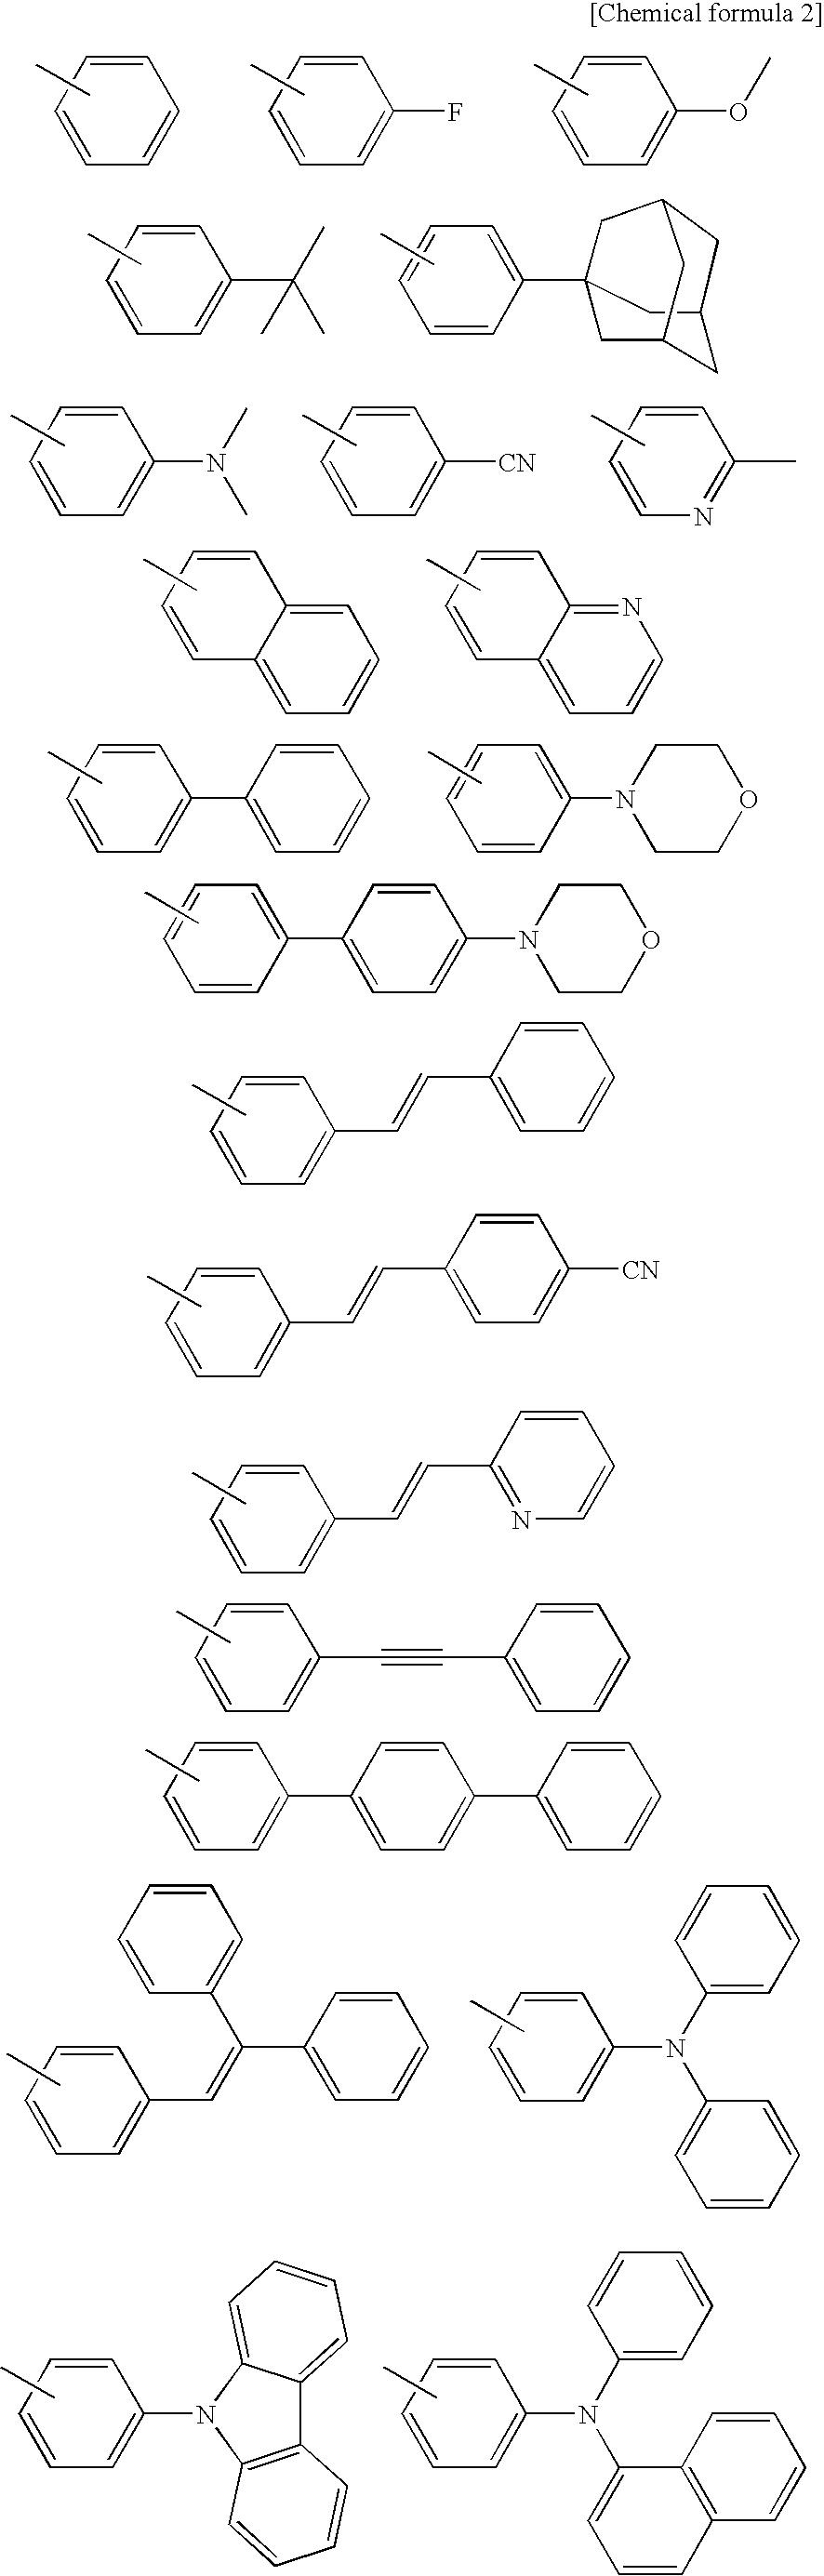 Figure US07651787-20100126-C00004